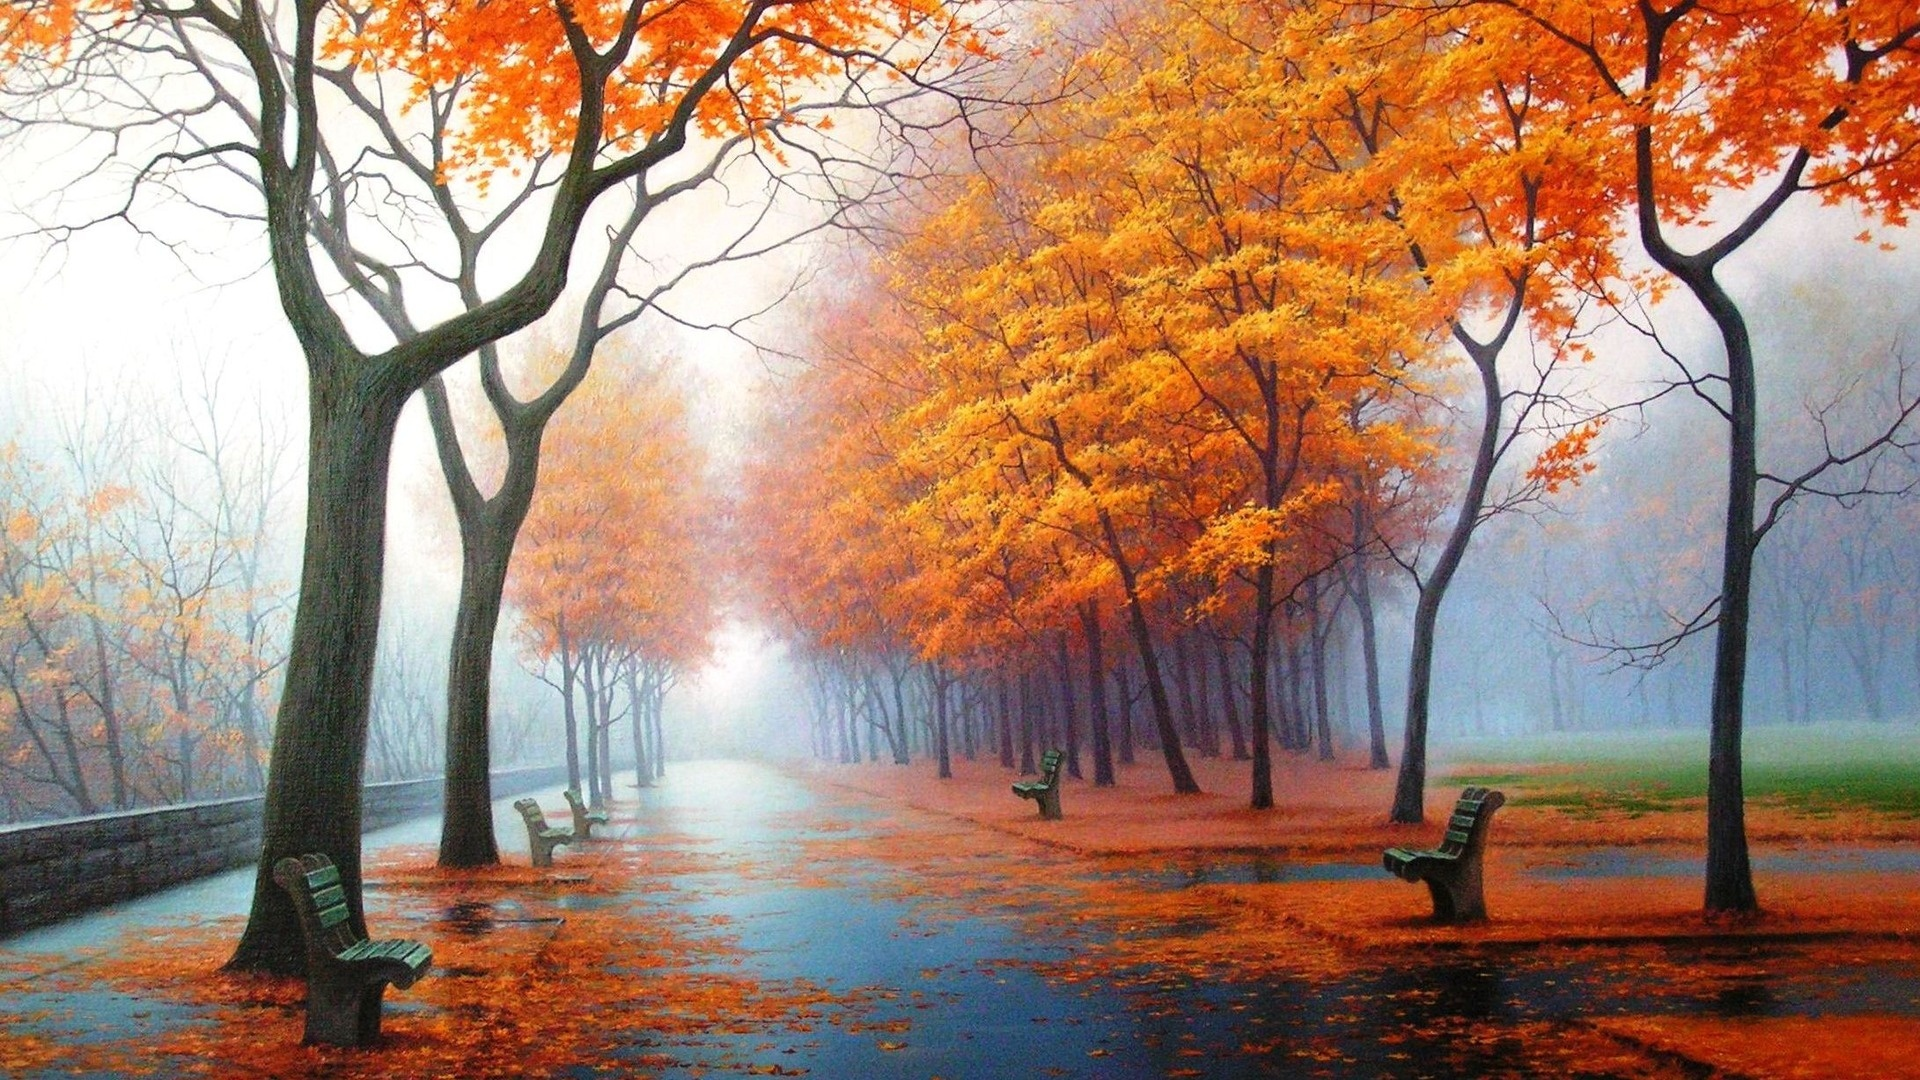 HD Fall Desktop Wallpaper - WallpaperSafari